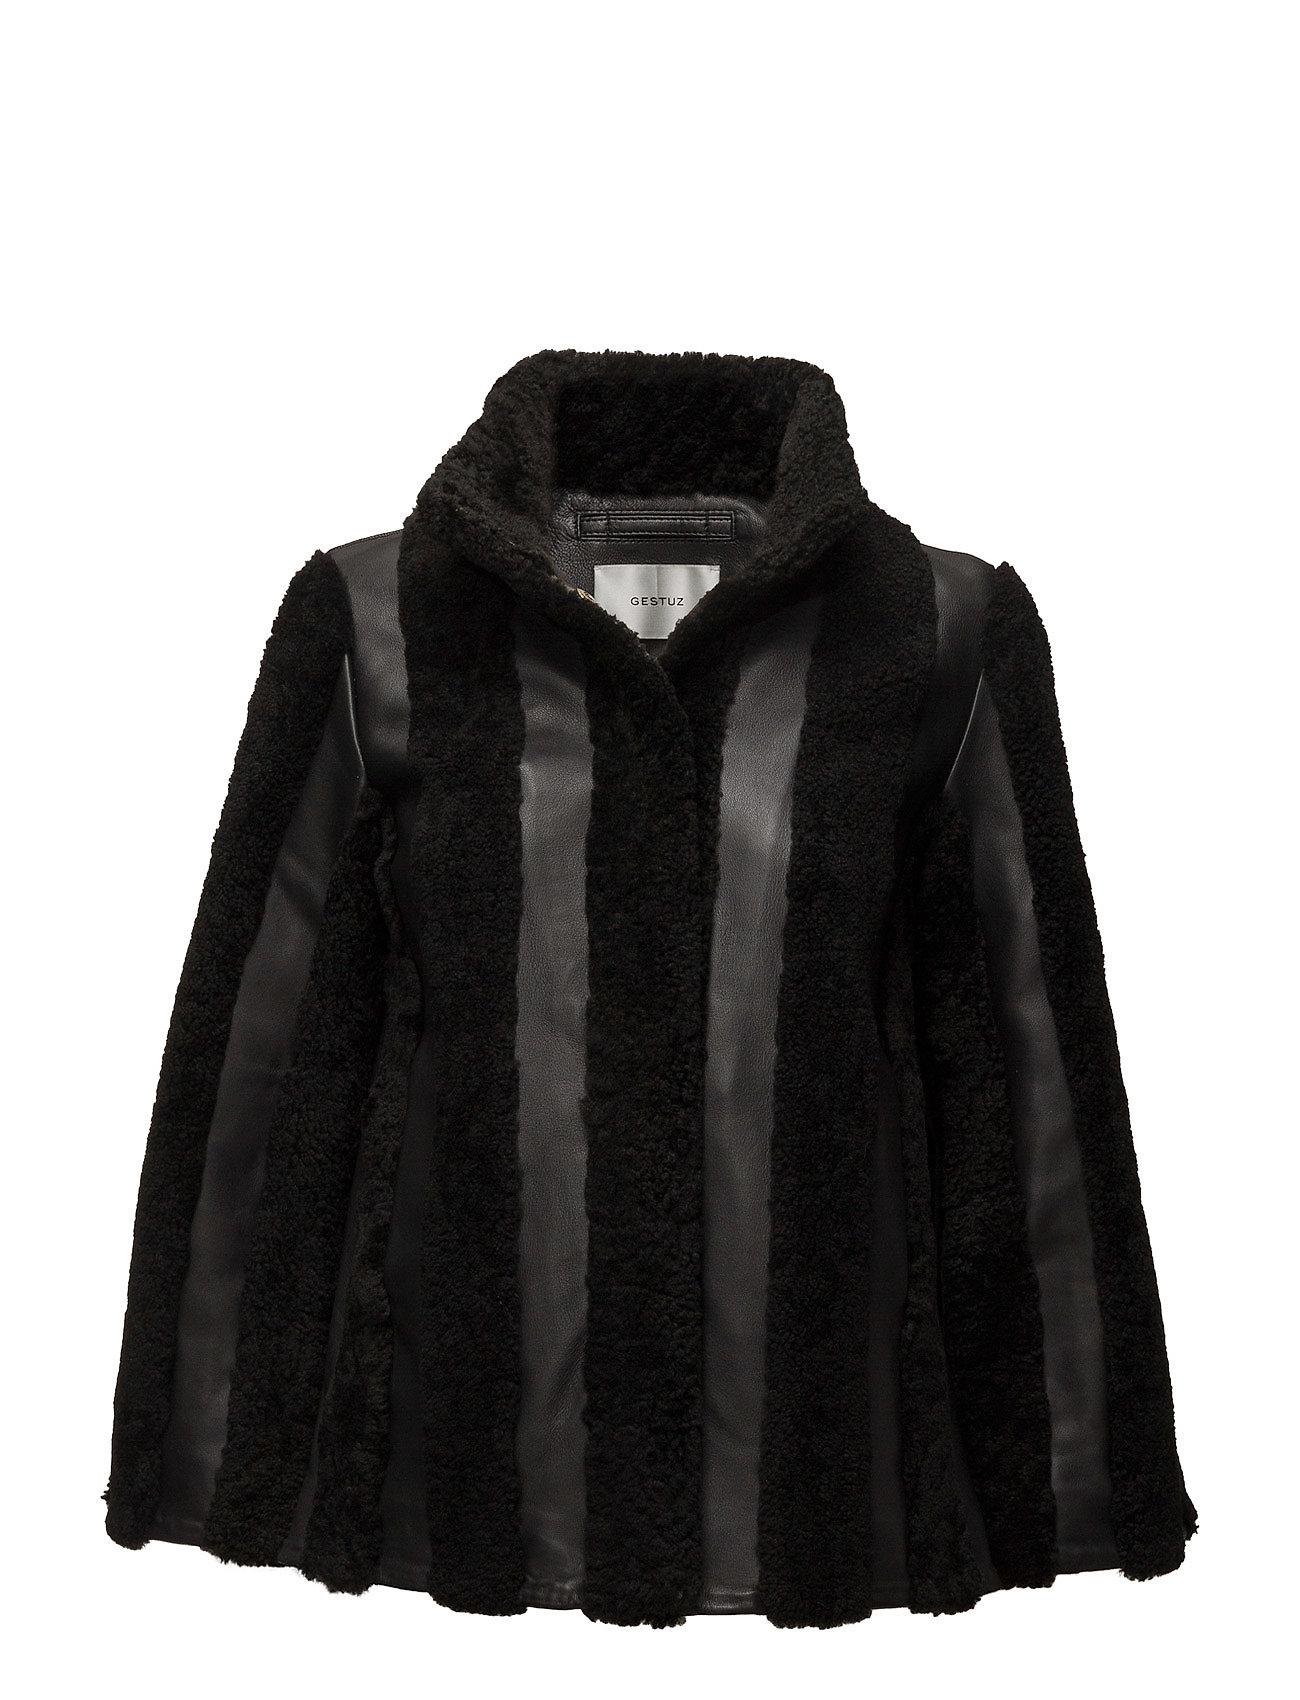 Vatan Jacket Ye16 Gestuz Jackets